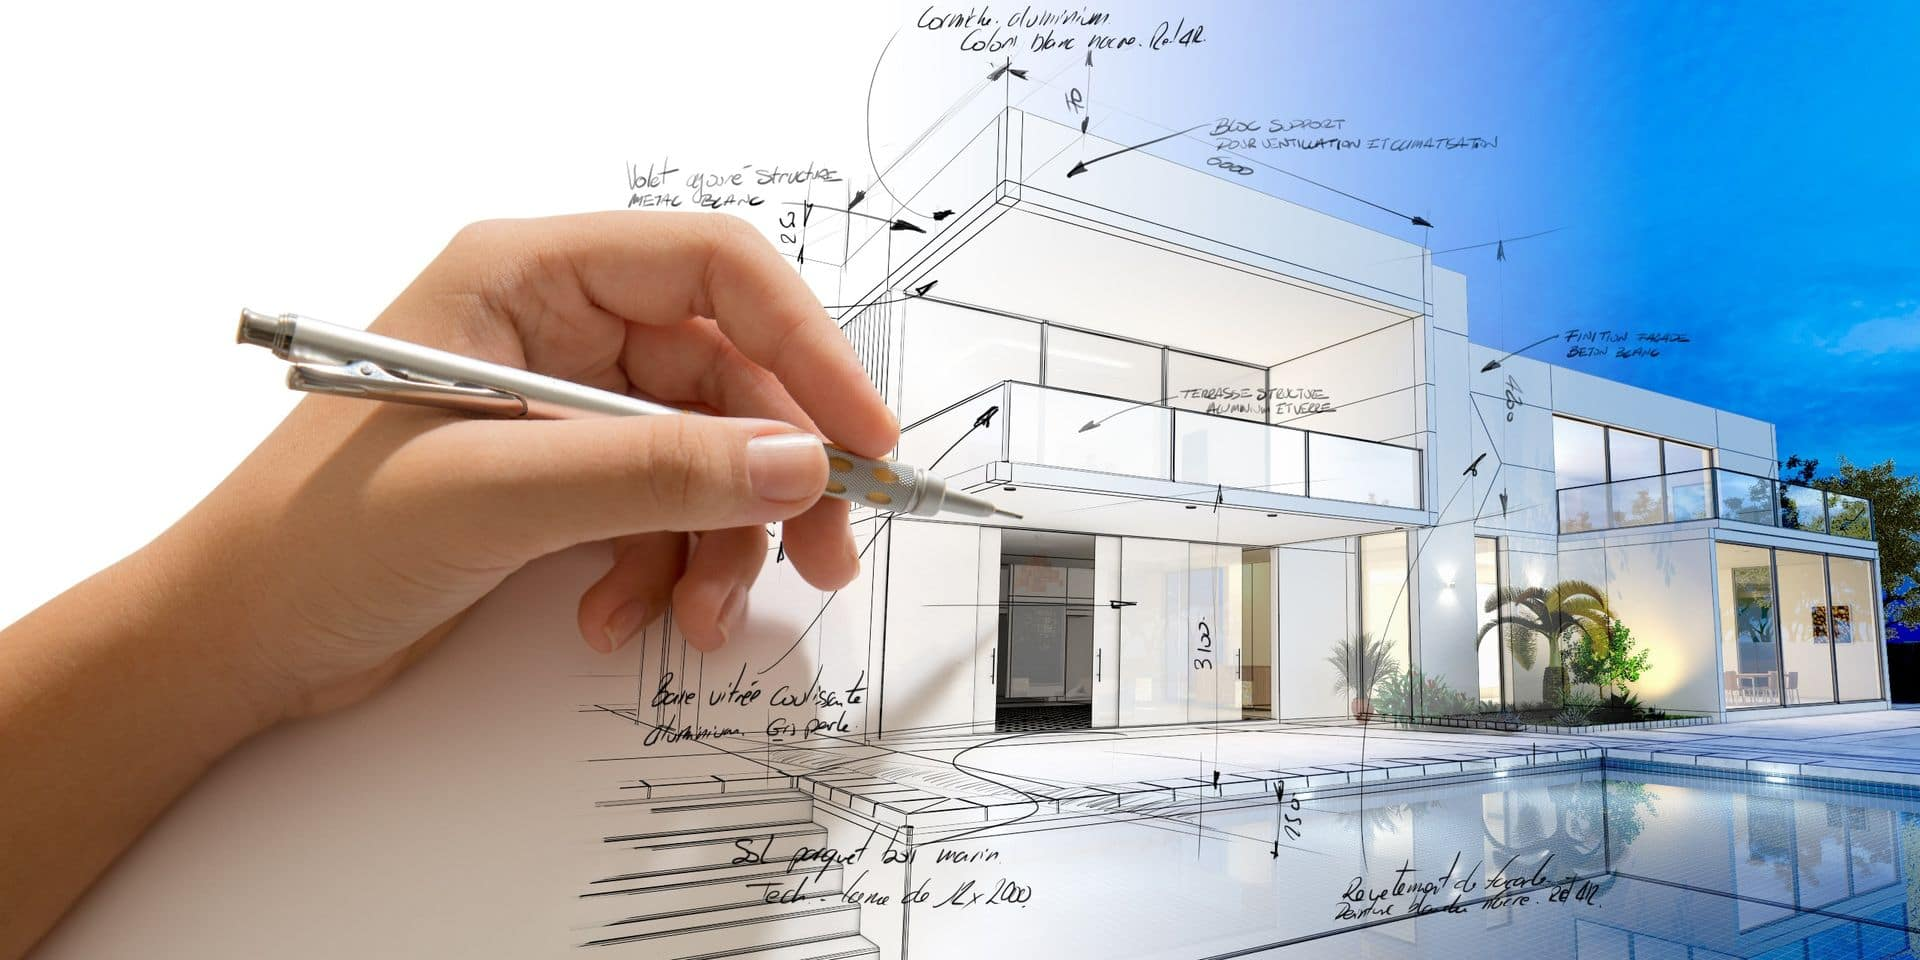 Les secteurs de l'immobilier et de la construction veulent accélérer l'octroi des permis